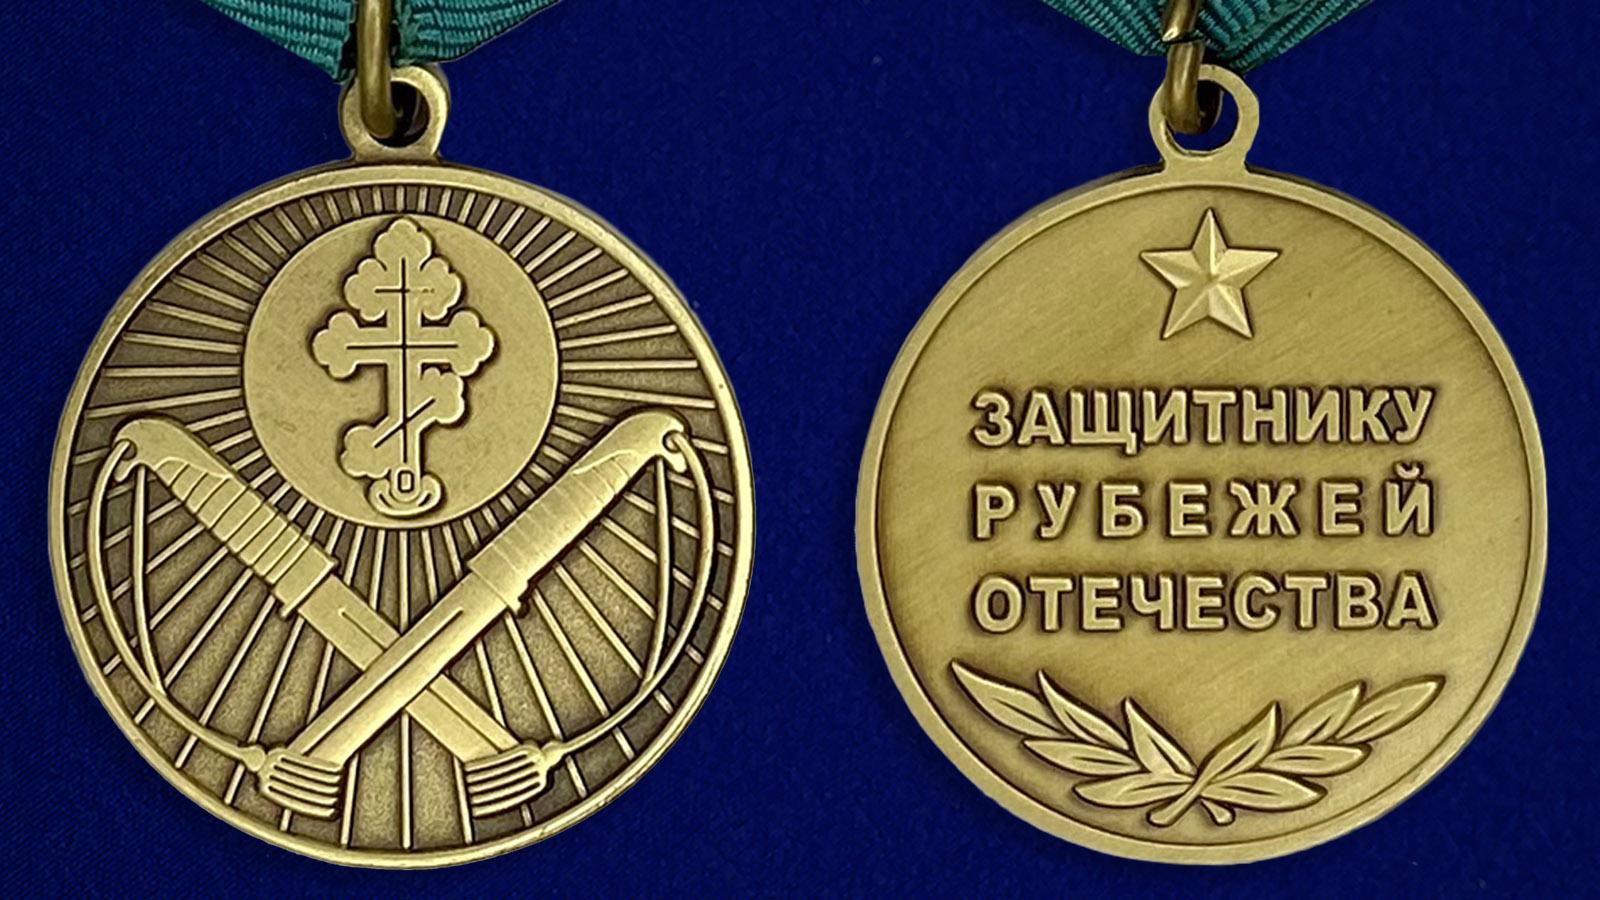 Аверс медали Защитнику рубежей Отечества